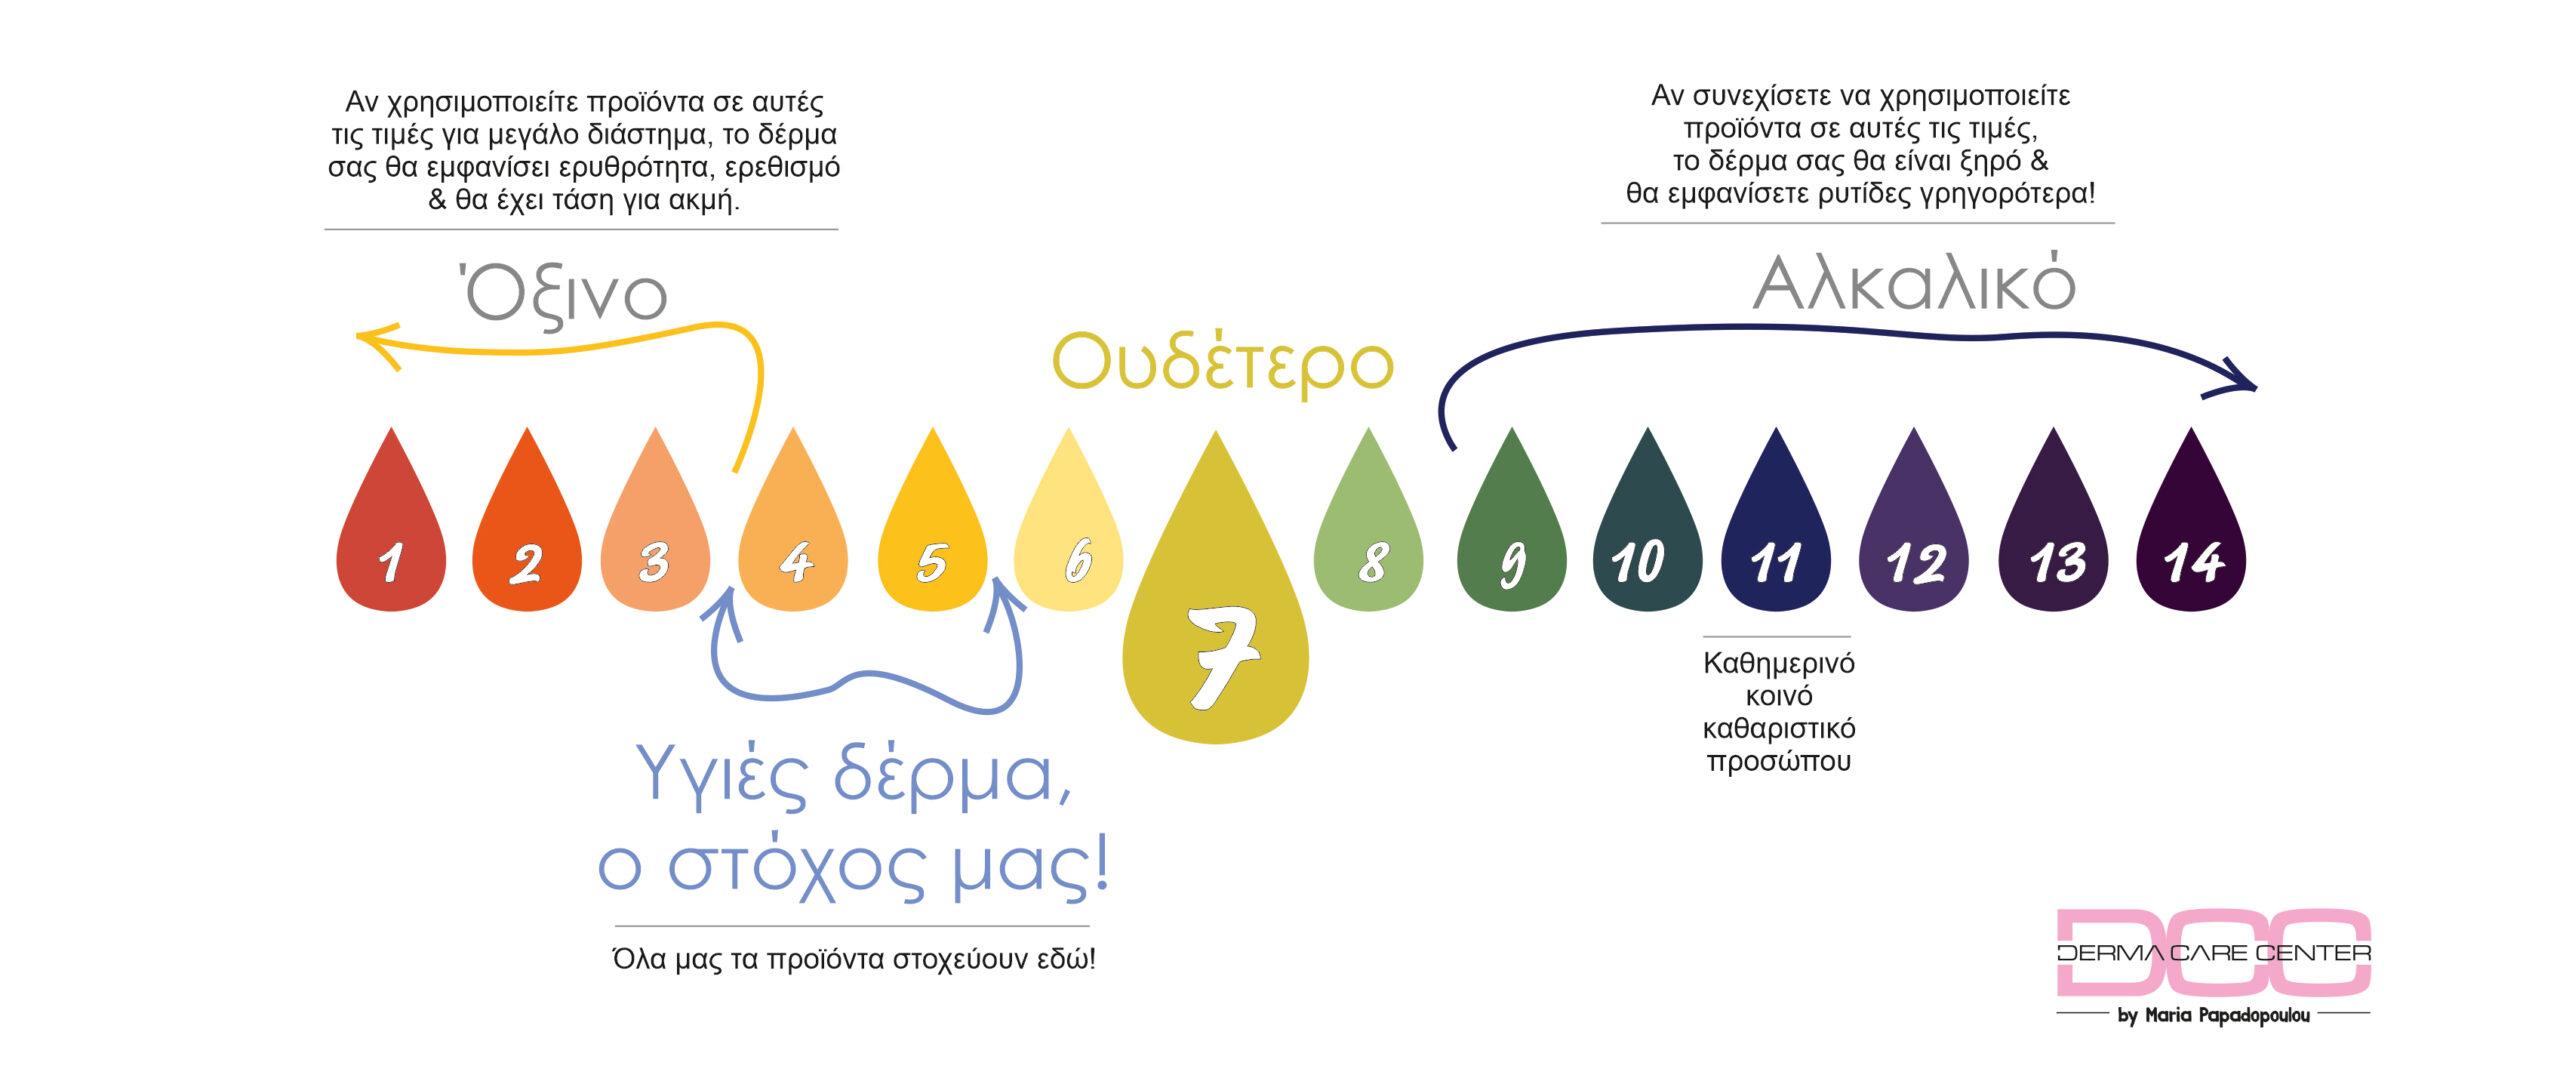 Τί pH έχουν τα προϊόντα που χρησιμοποιείτε στην καθημερινή σας ρουτίνα;